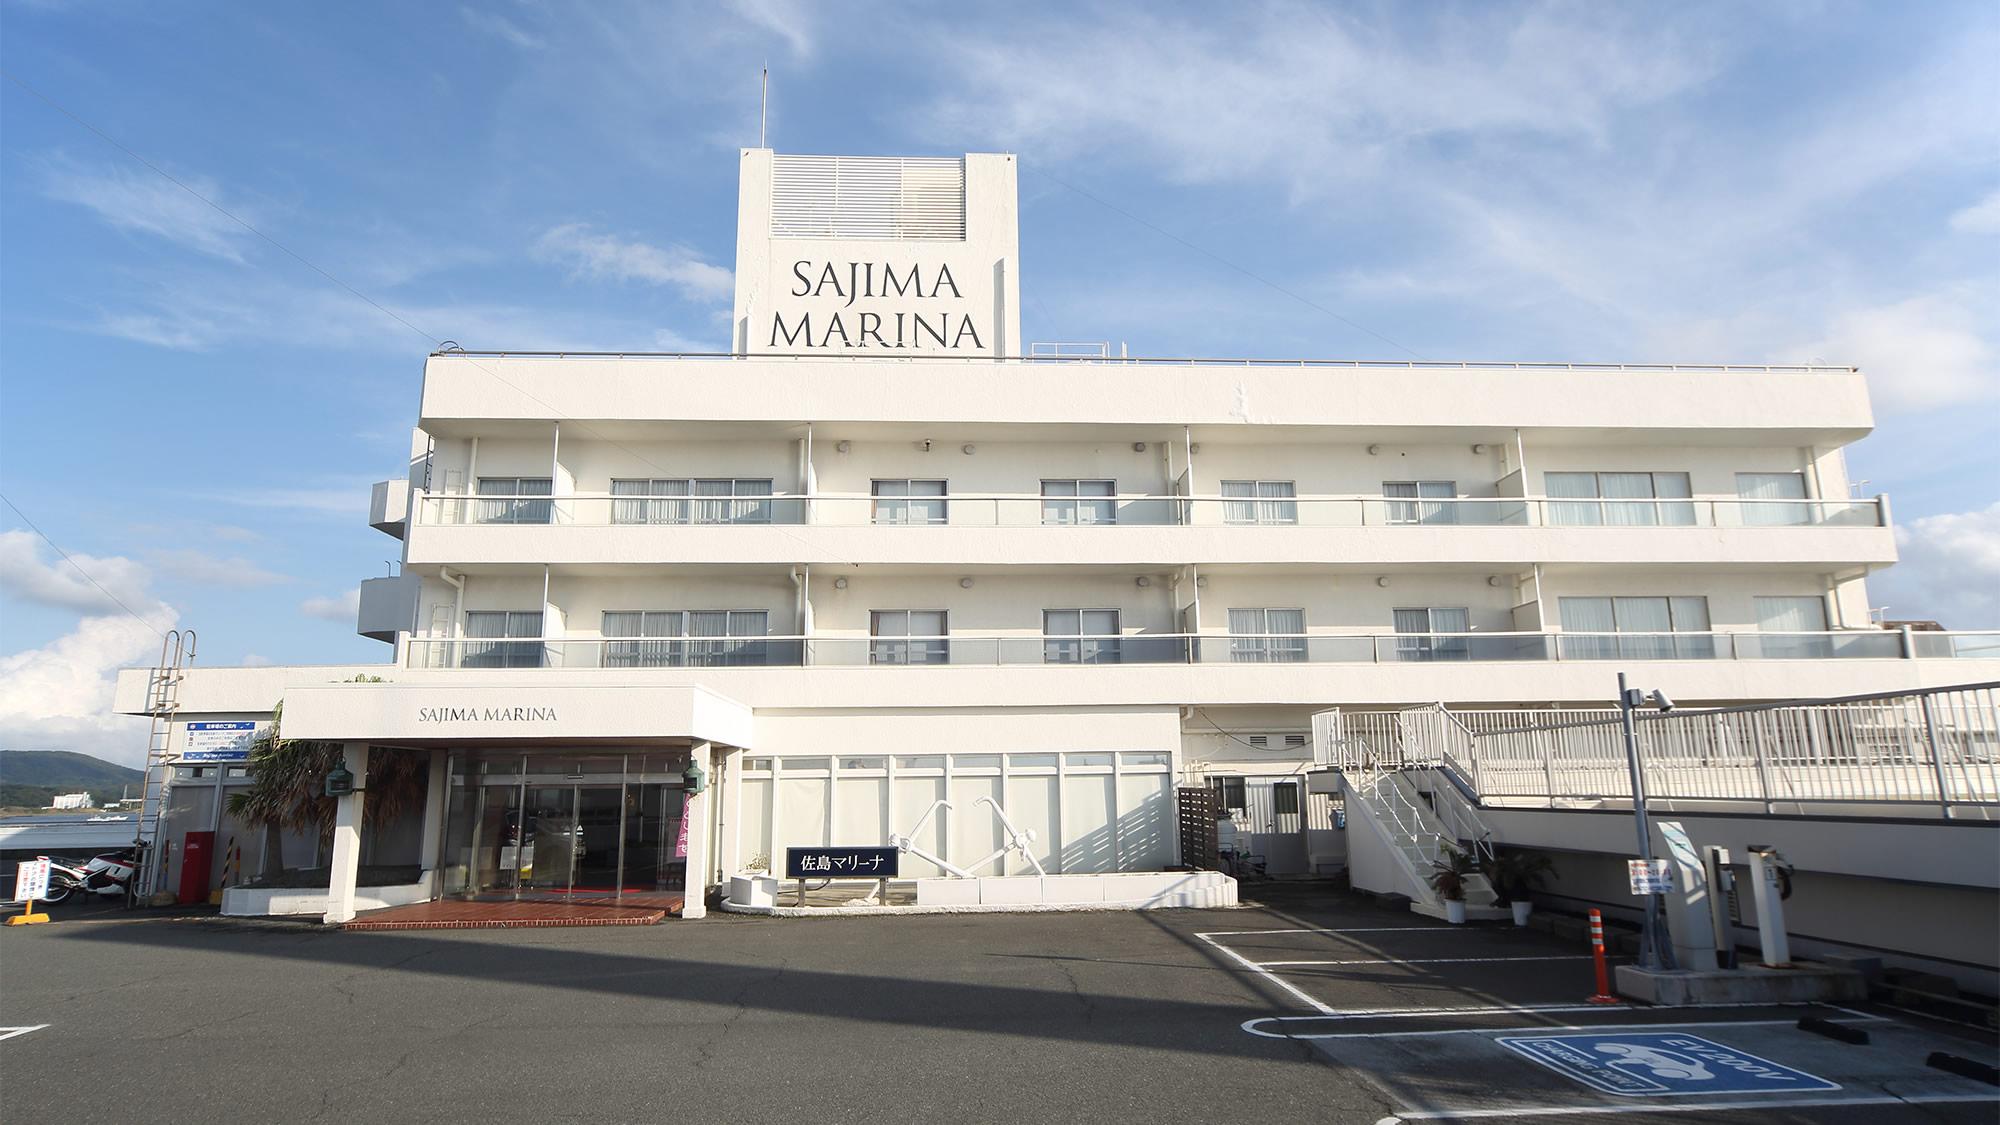 【夏休み】鎌倉・江の島エリアの観光